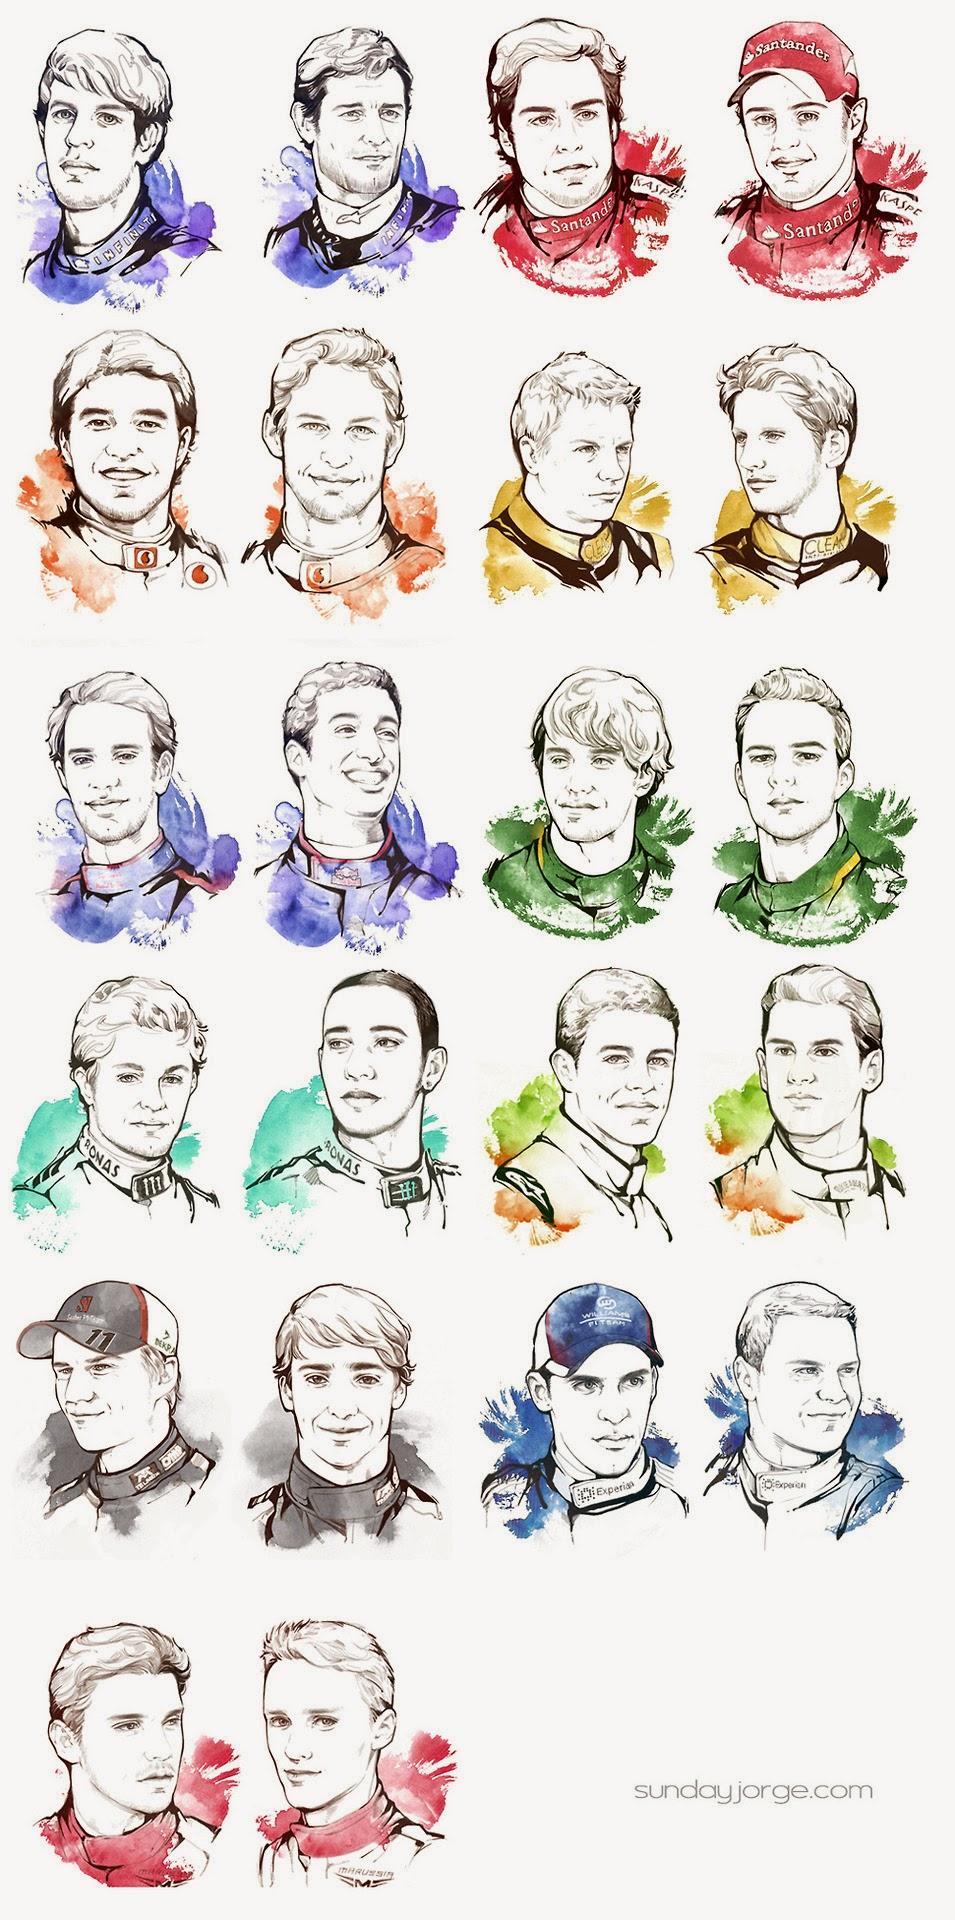 портреты пилотов для пит-лейна Гран-при Кореи 2013 нарисованные Sunday Jorge